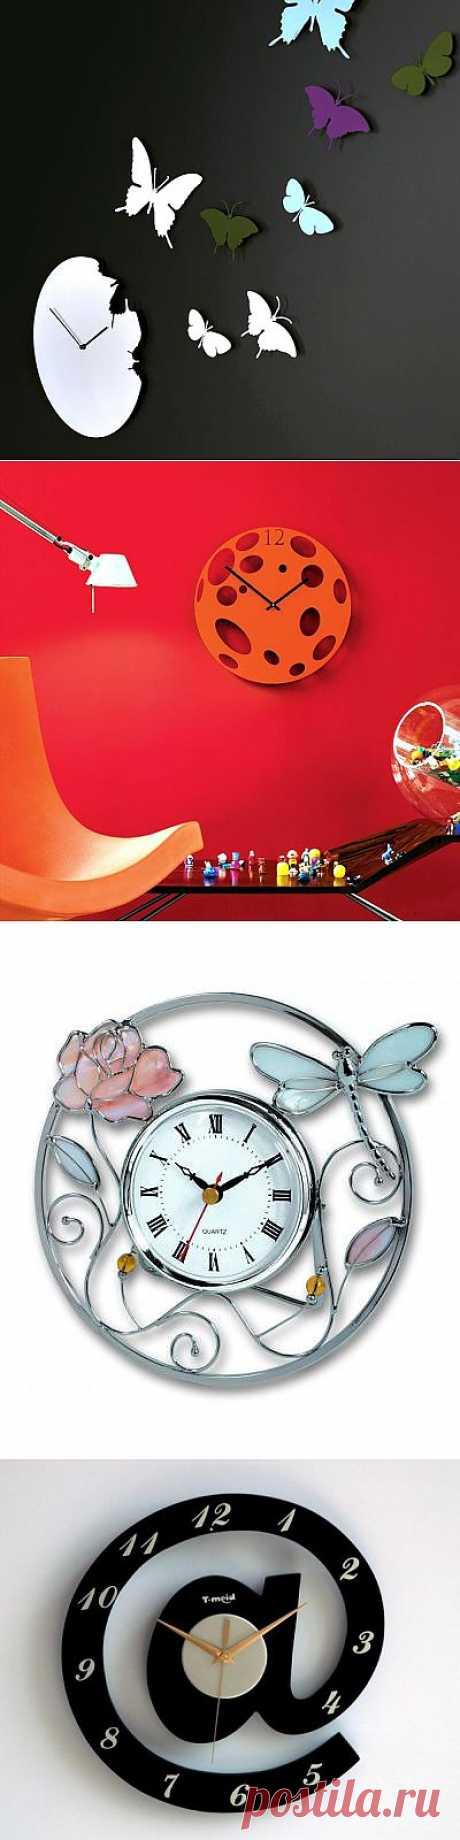 Оригинальные настенные часы.